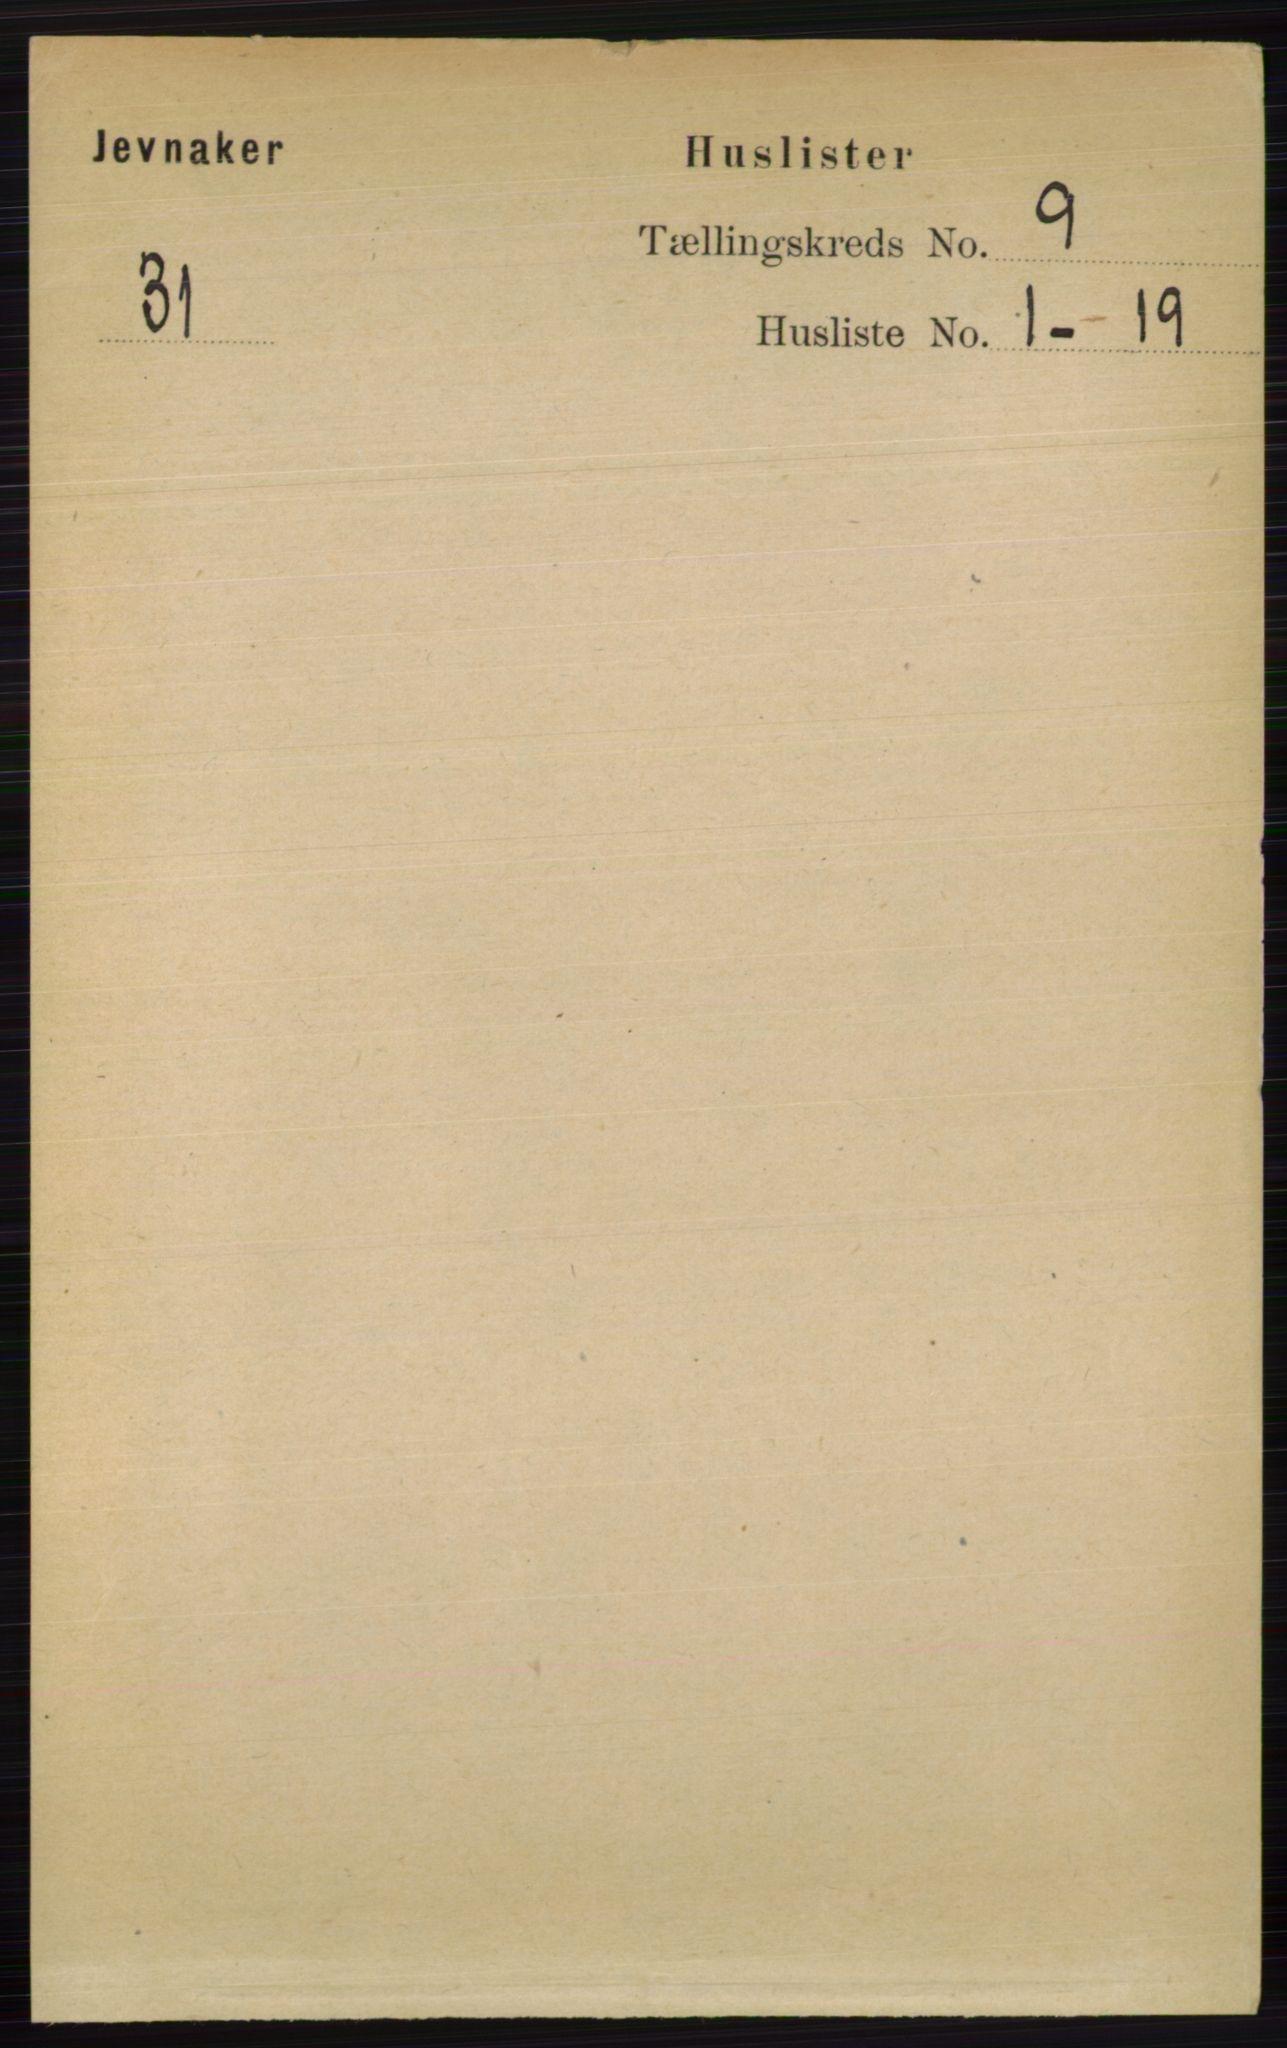 RA, Folketelling 1891 for 0532 Jevnaker herred, 1891, s. 4879